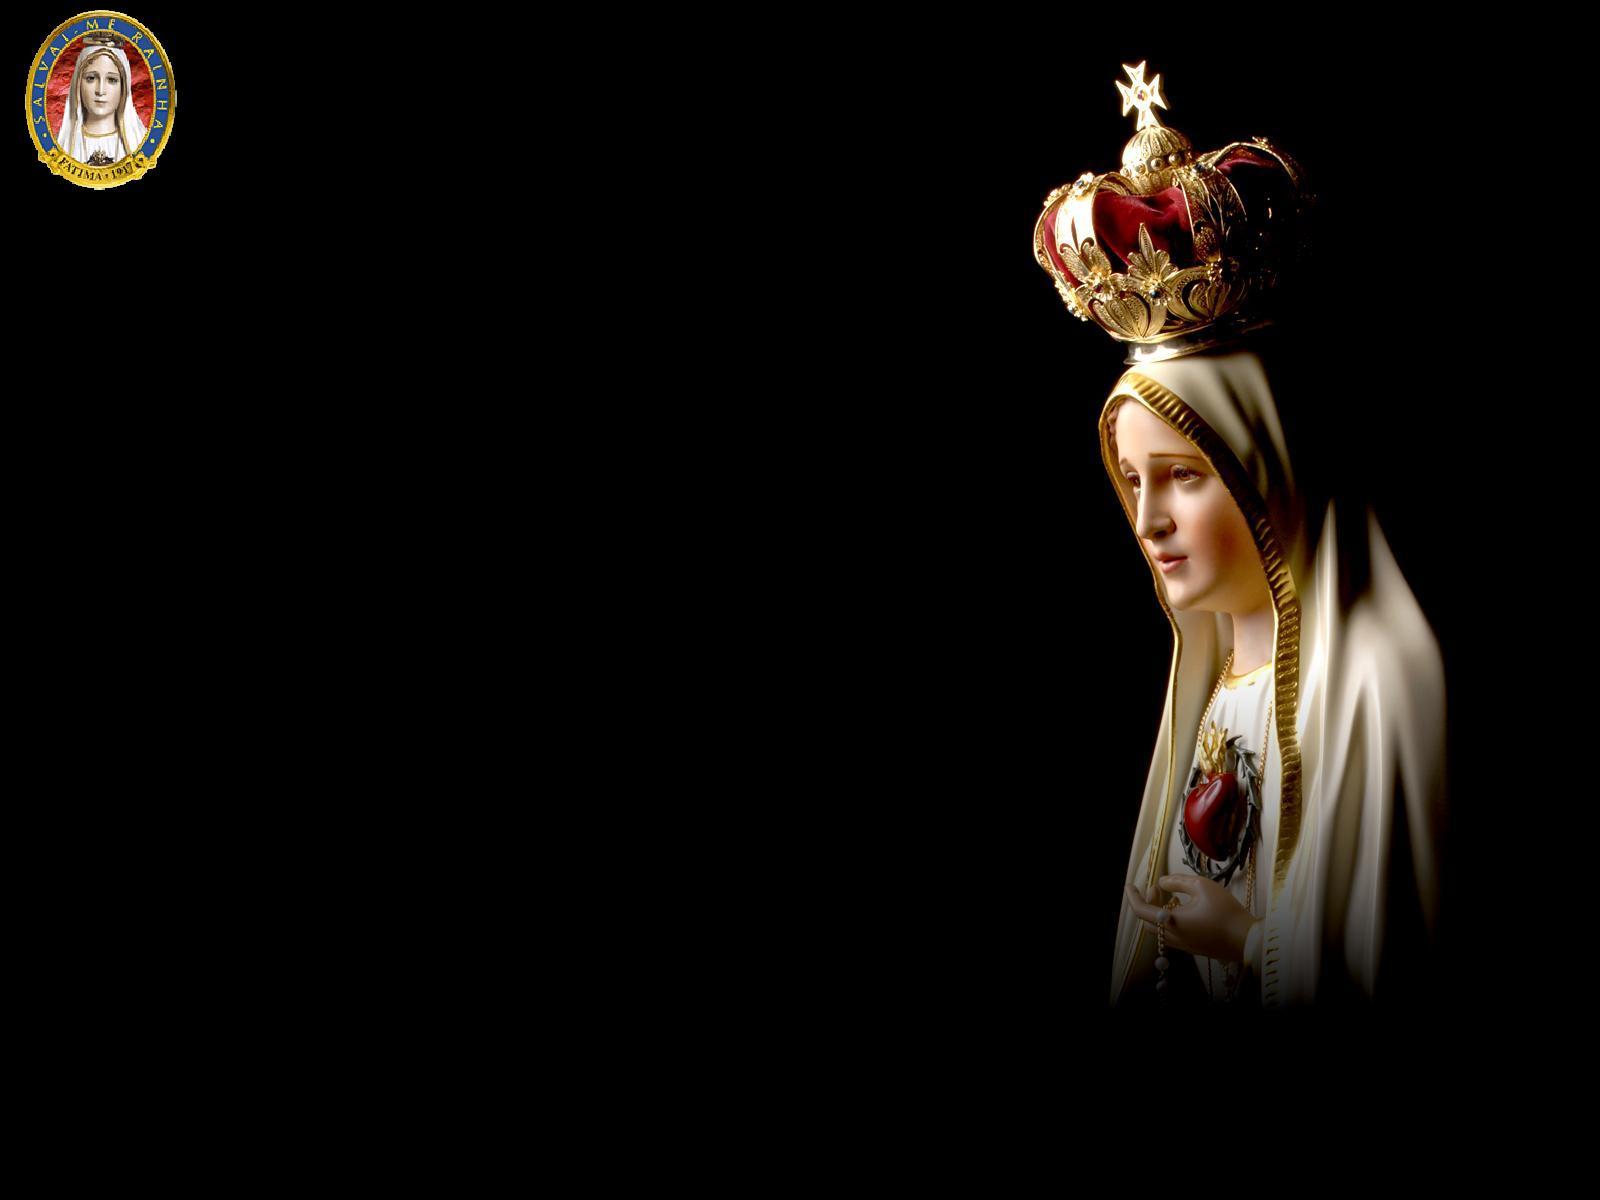 Album - Imágenes de la Virgen María - Blog de la Comunidad